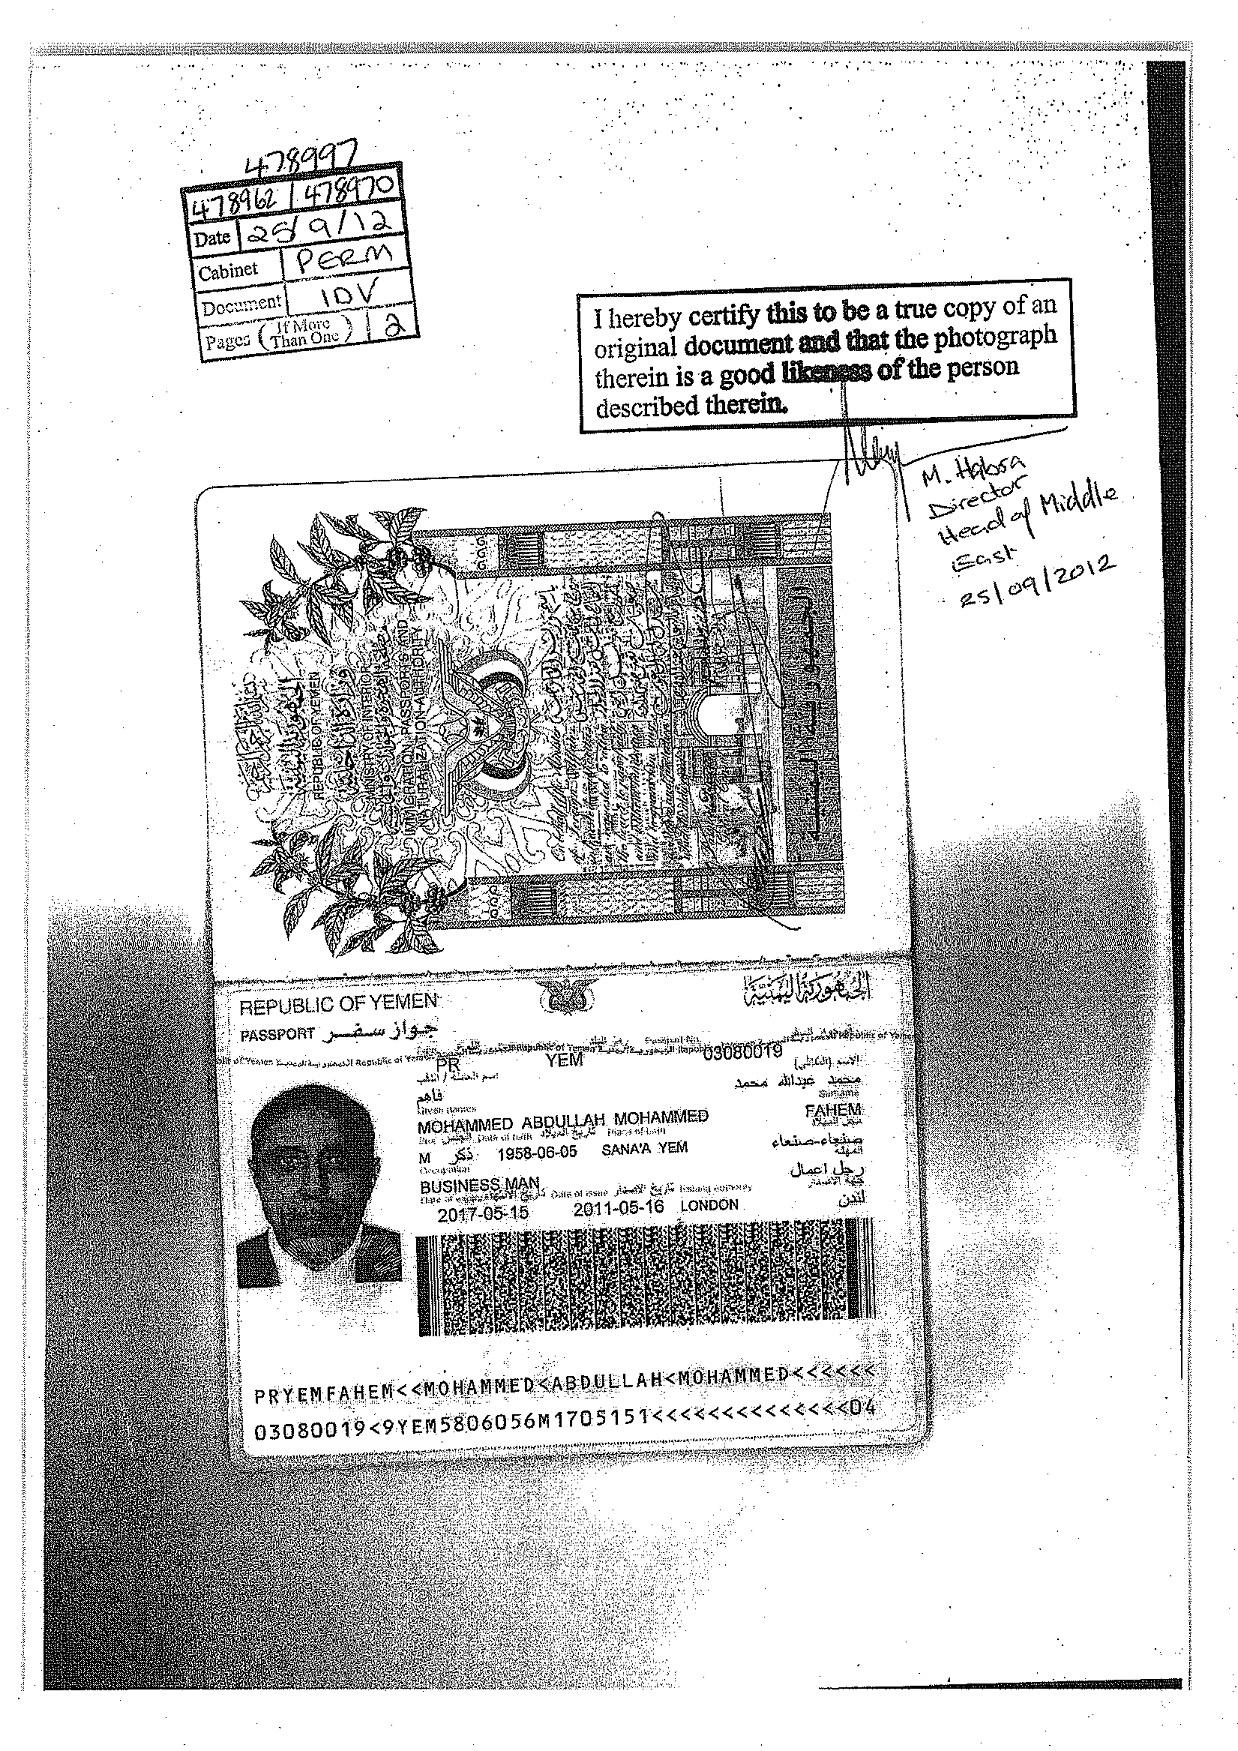 صورة جواز سفر محمد فاهم